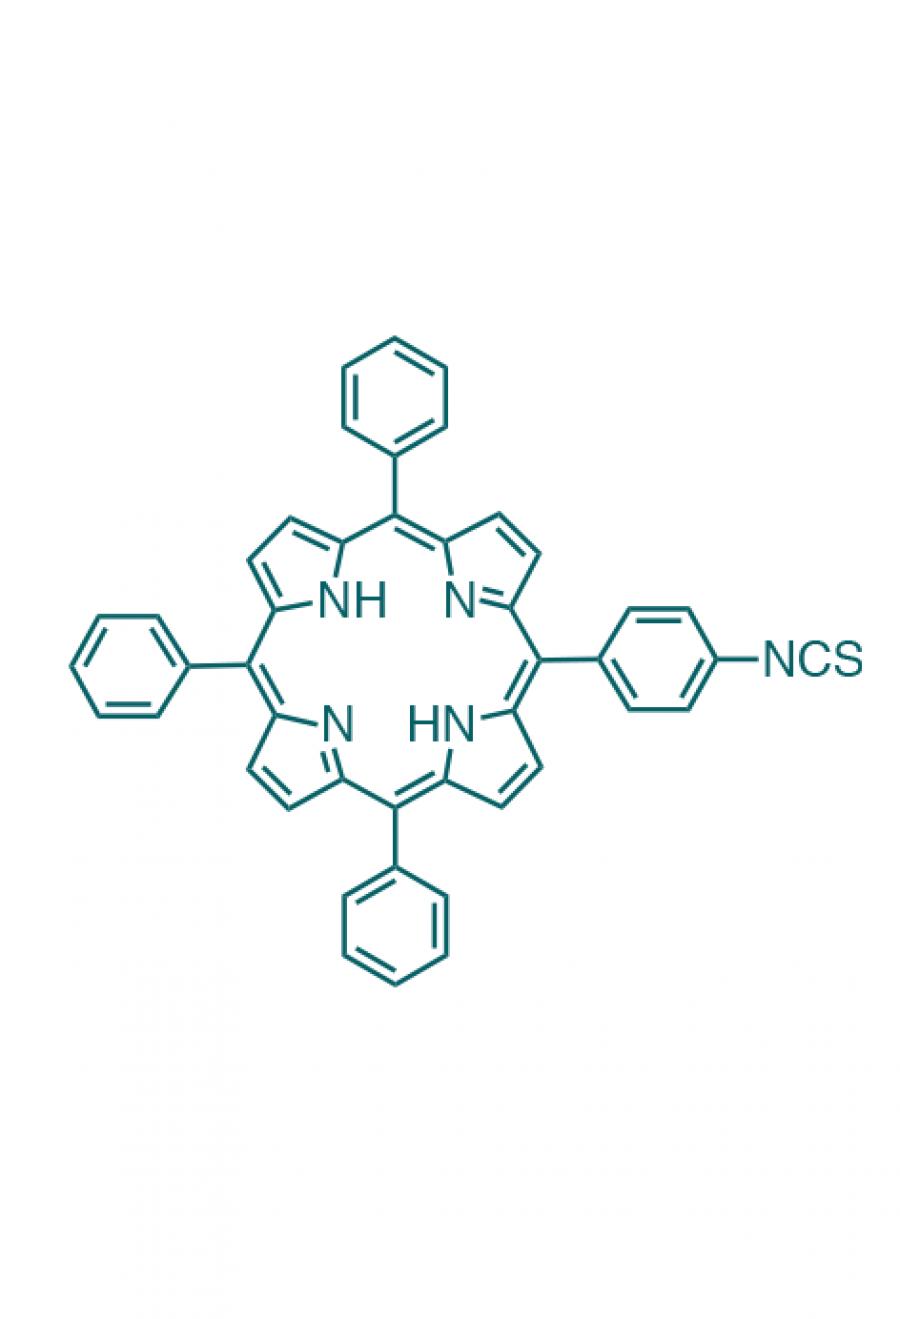 5-(4-isothiocyanatophenyl)-10,15,20-(triphenyl)porphyrin